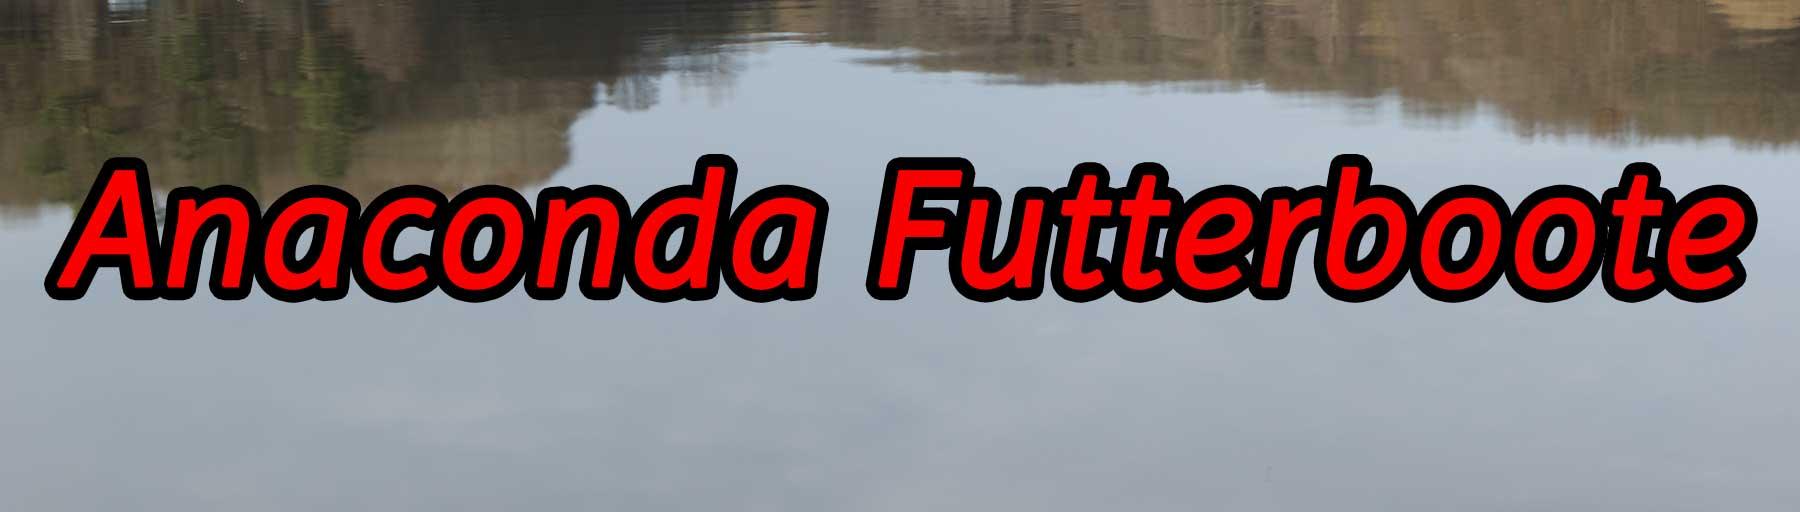 Anaconda Futterboote